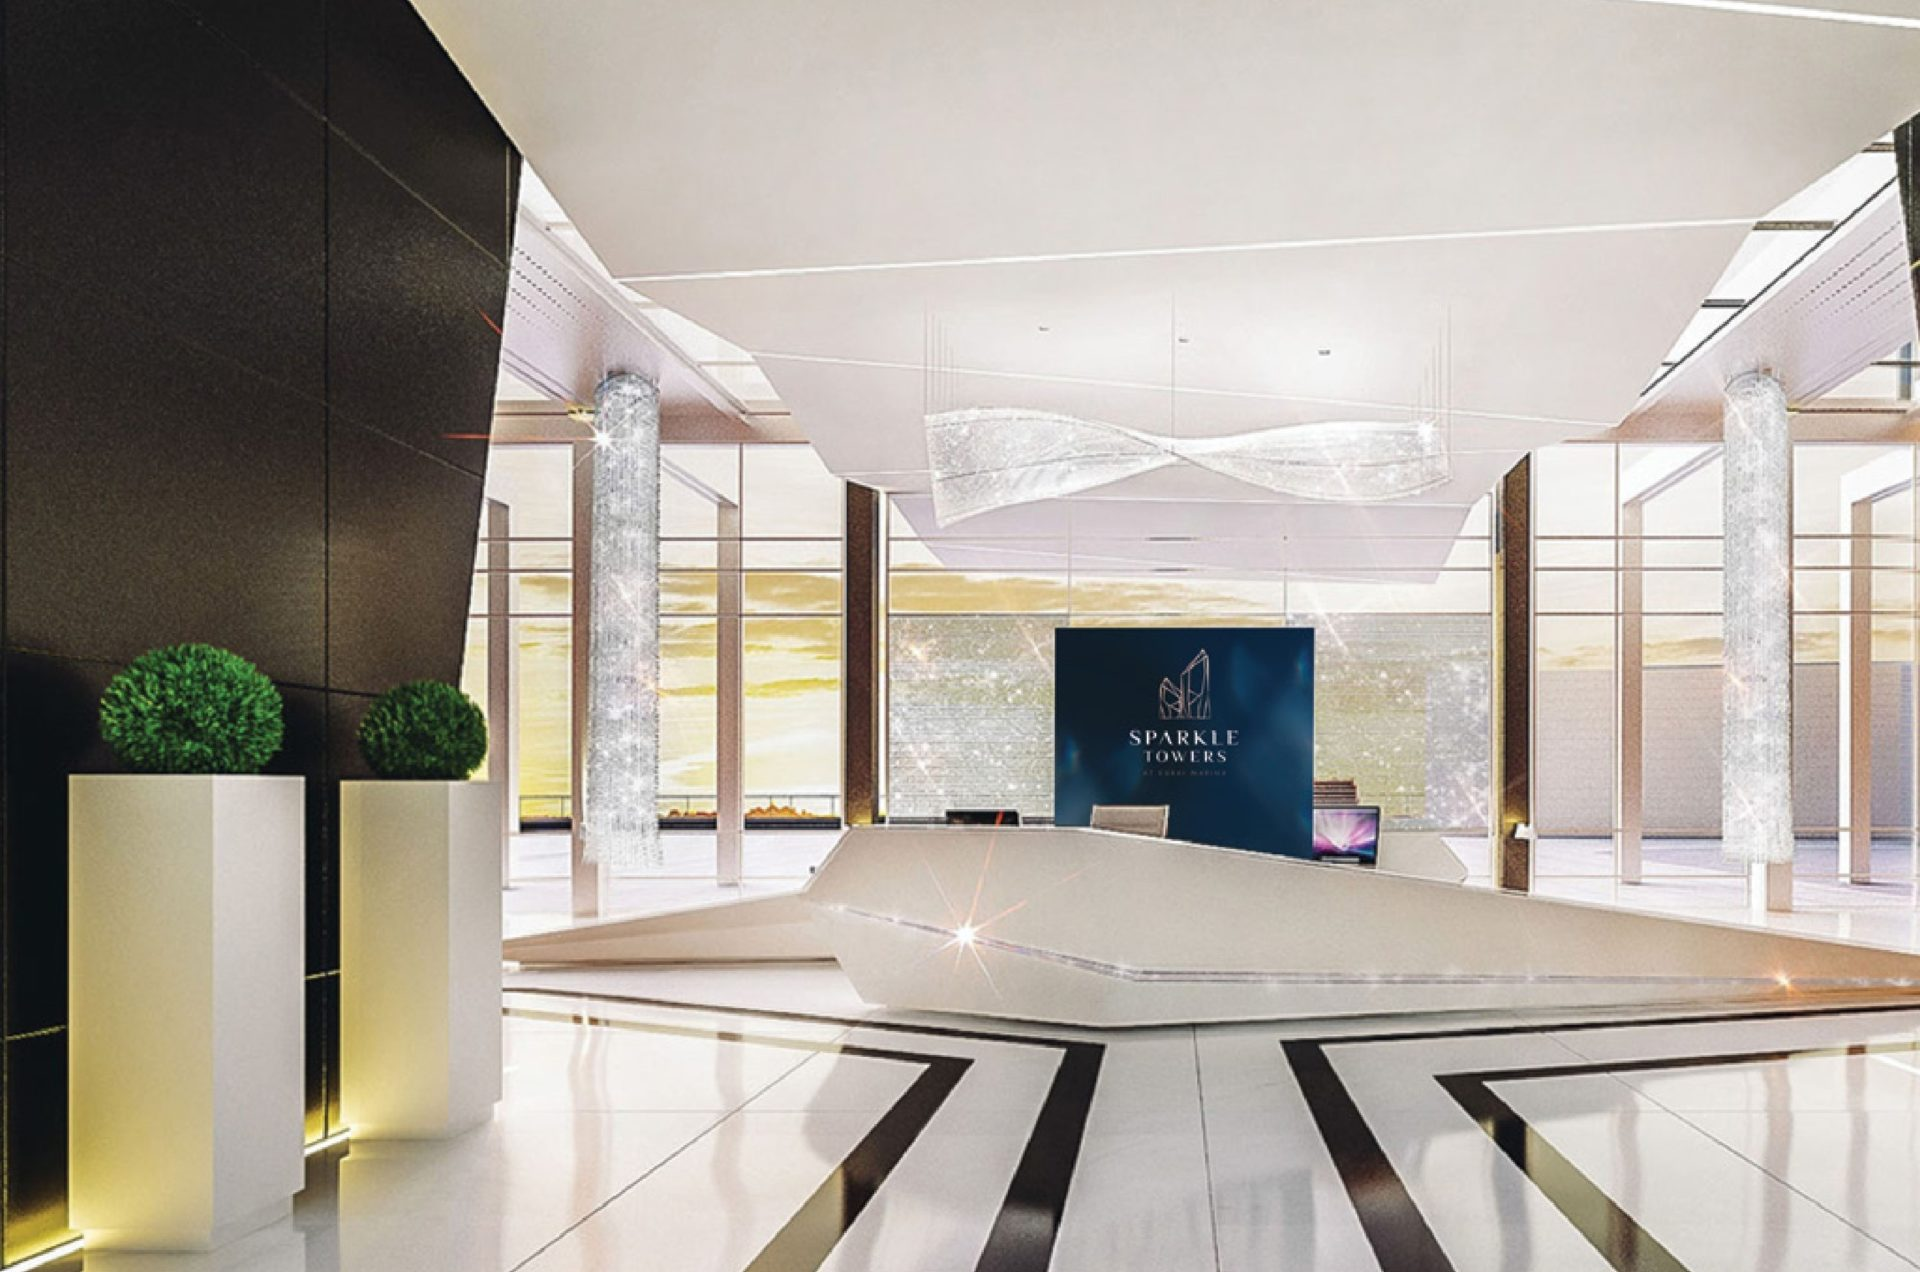 Пентхаус с 4 спальнями и с видом на Marina в Sparkle Towers (Dubai Marina)